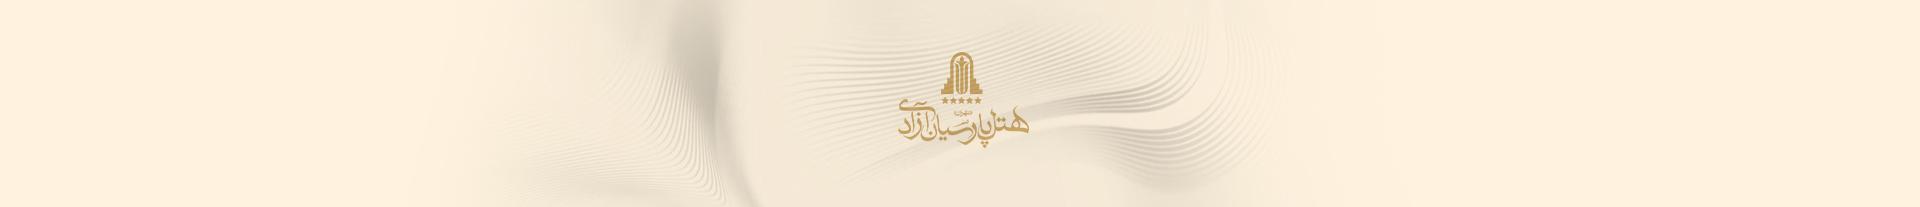 کد تخفیف هتل پارسیان آزادی